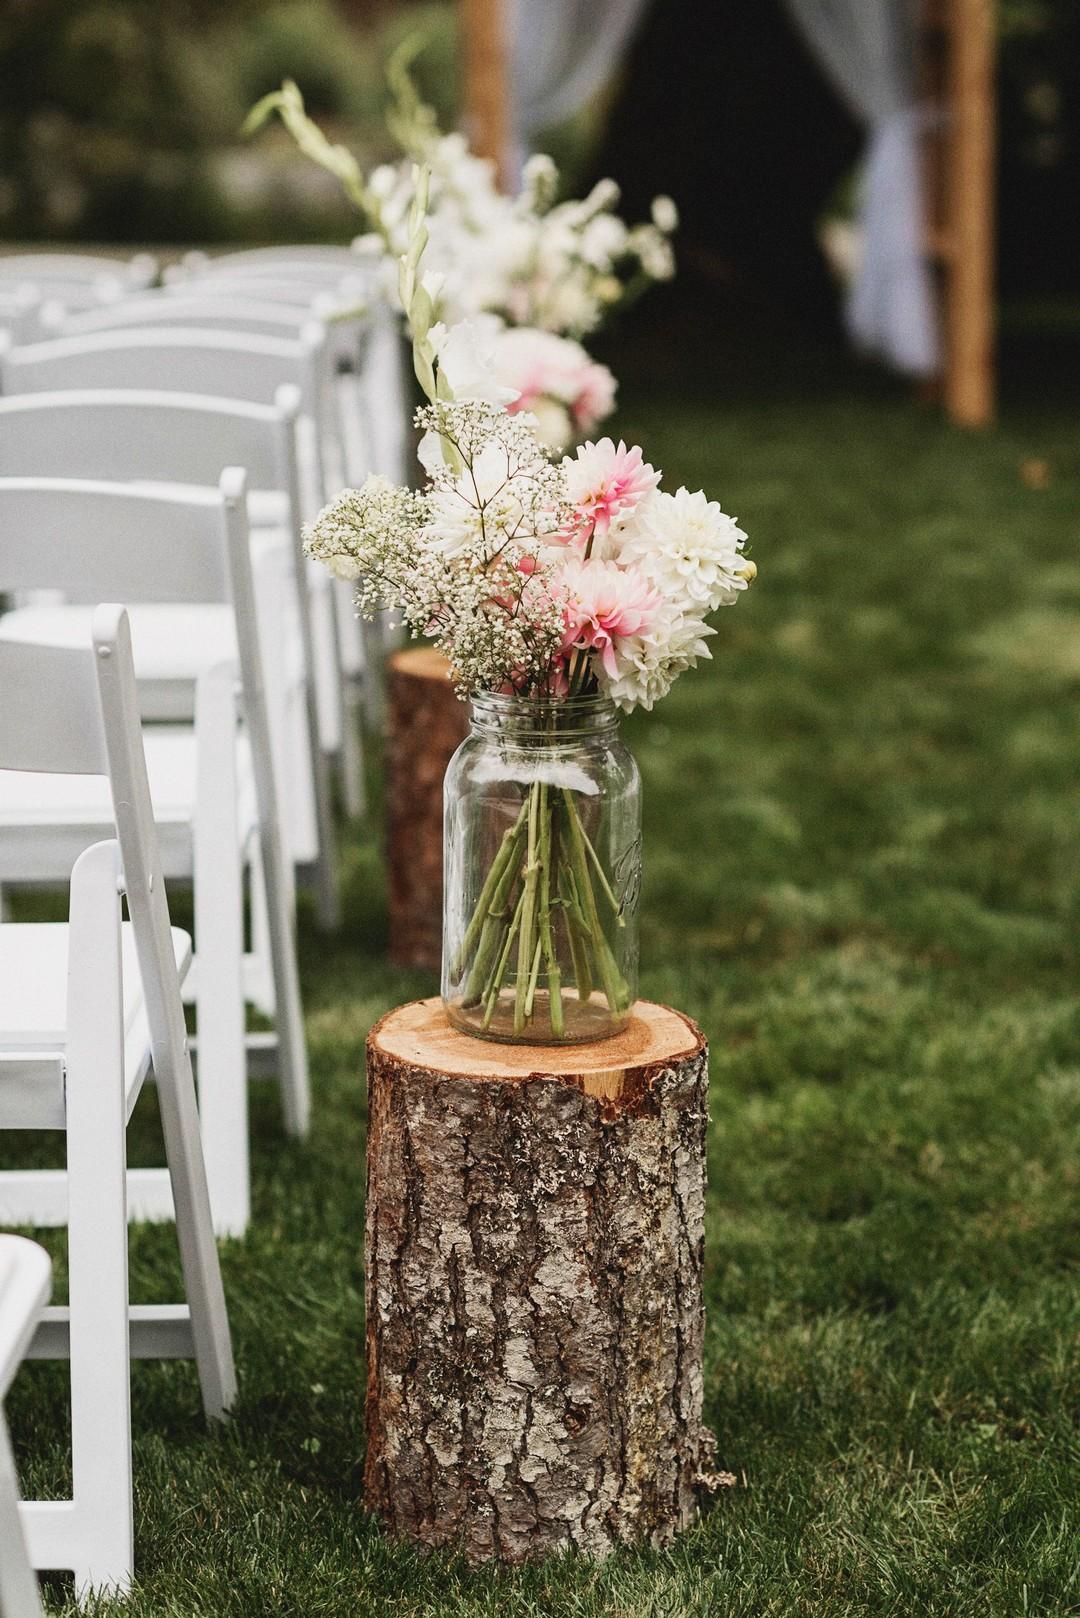 35+ Best Vintage Wedding Ideas That Won't Break Your Budget